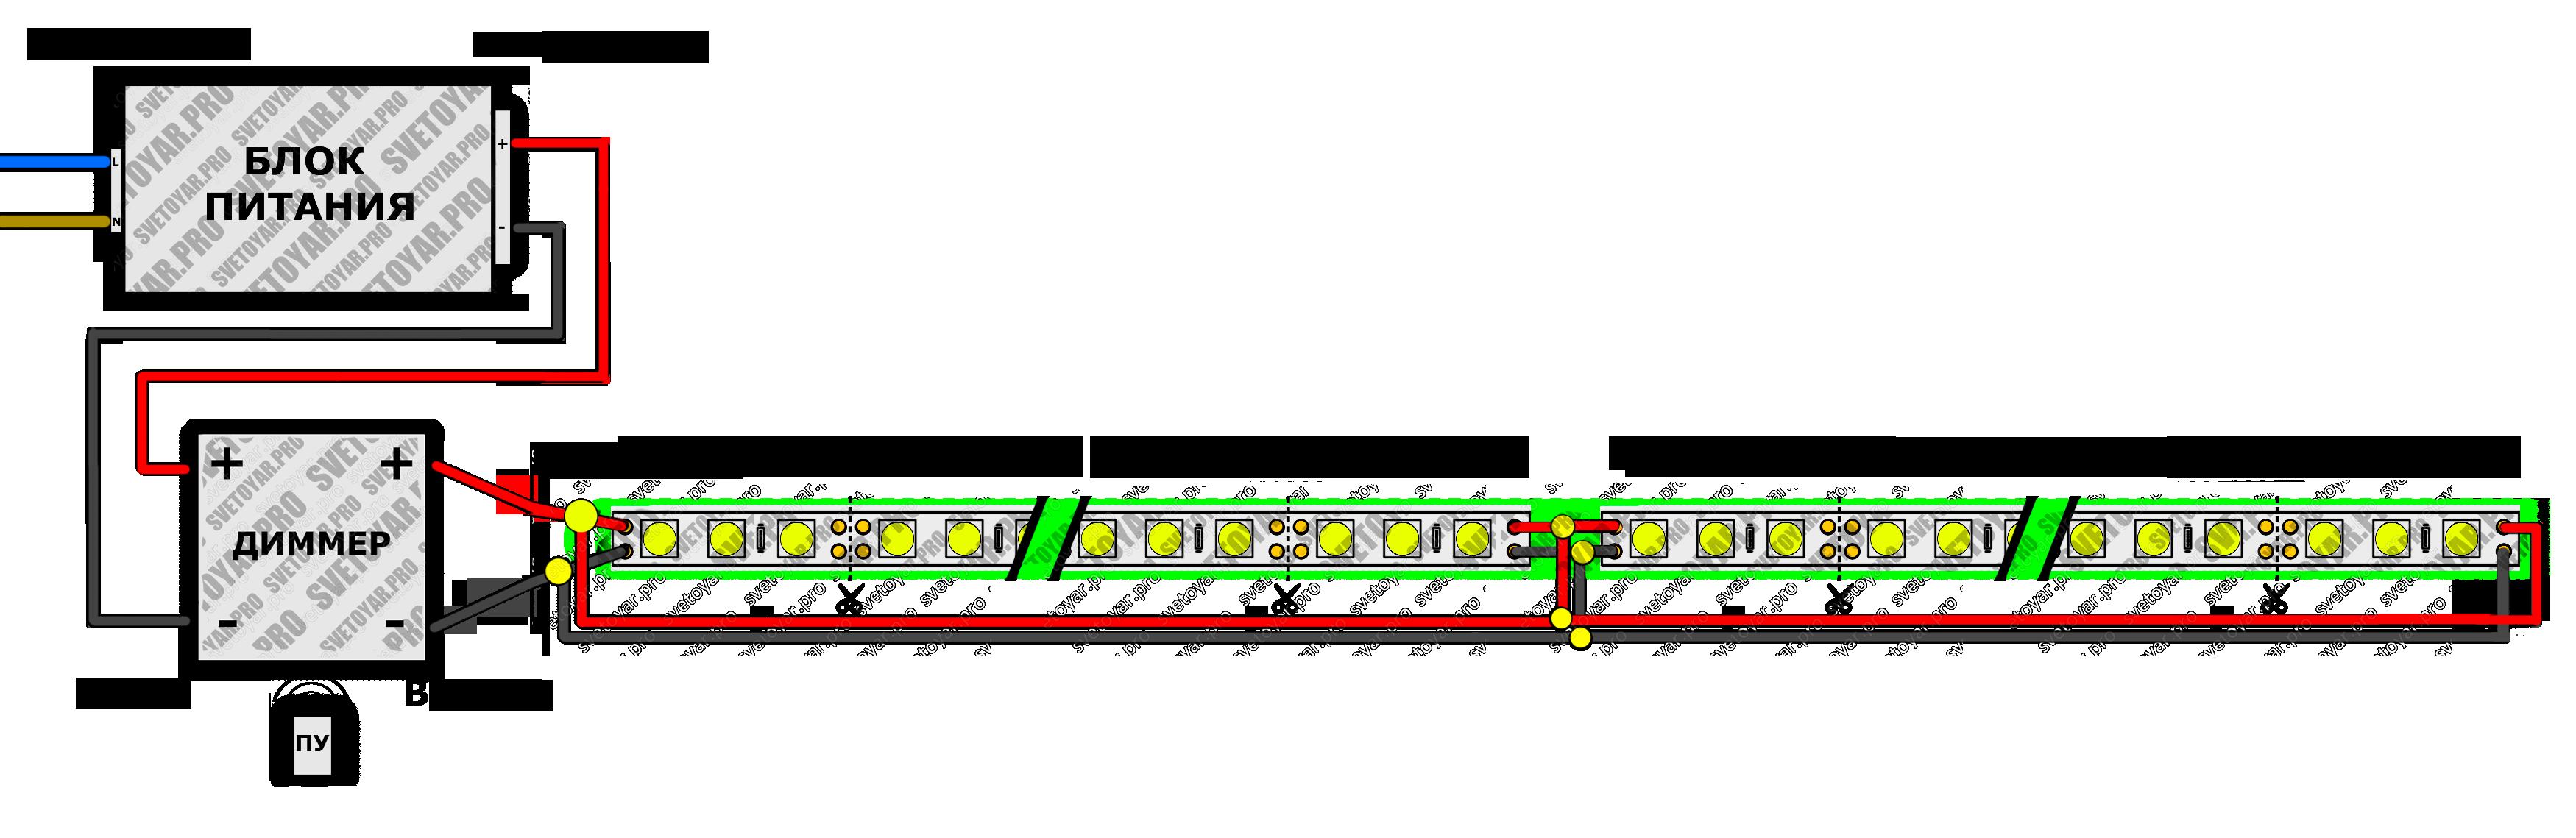 Диммер для светодиодной ленты схема фото 951